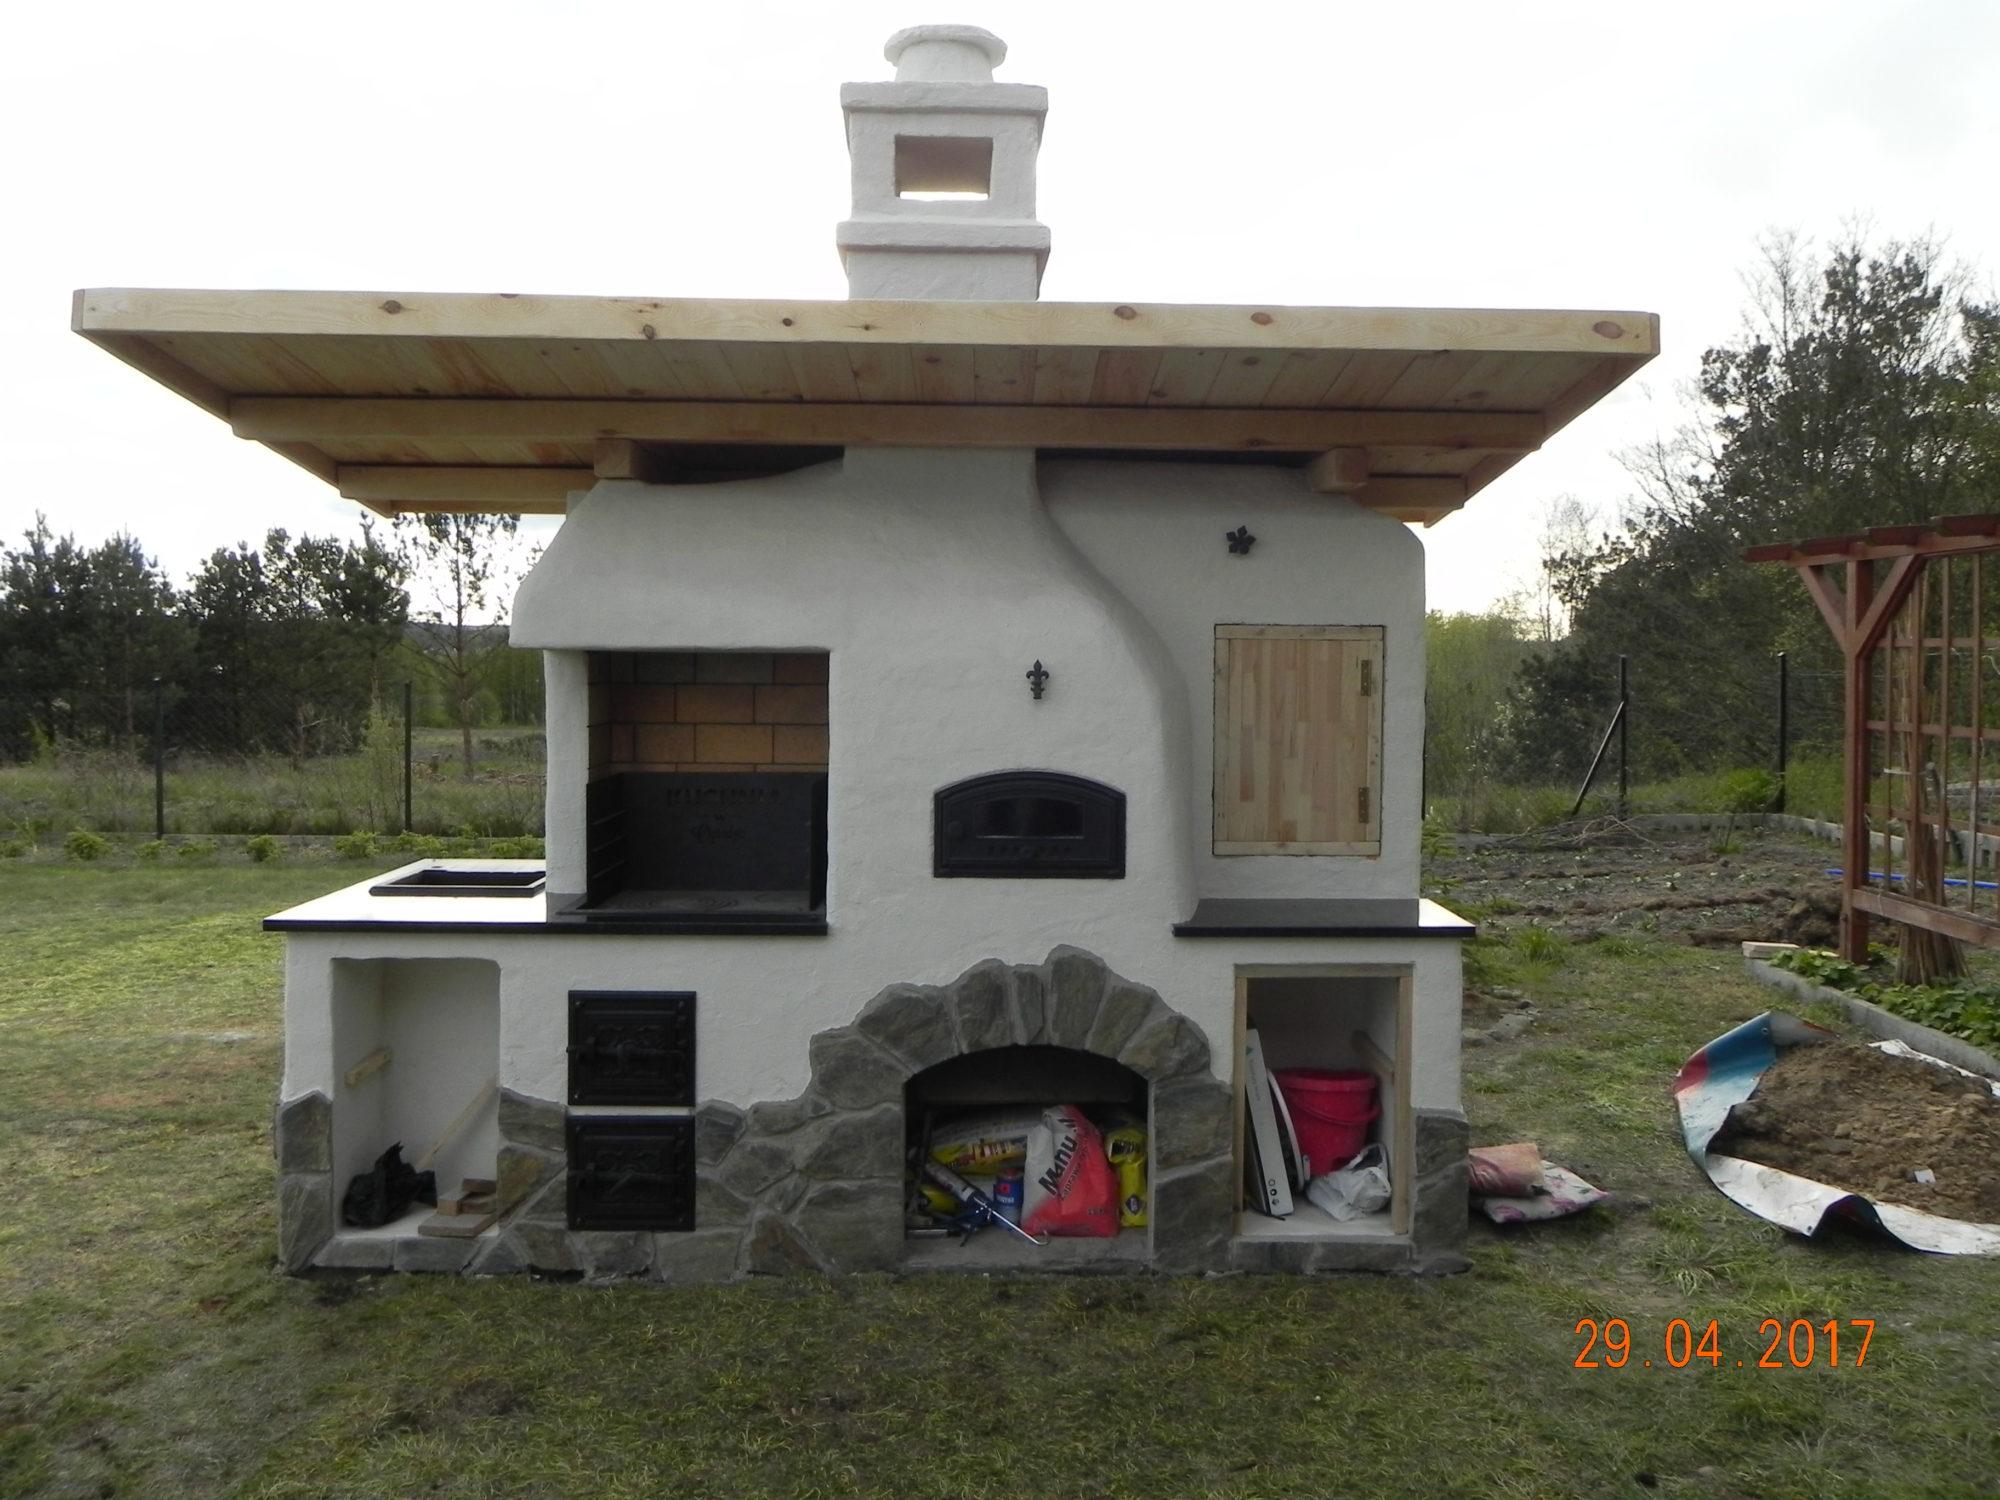 Inteligentny Grill ogrodowy murowany | Grill murowany w ogrodzie z cegły YR92